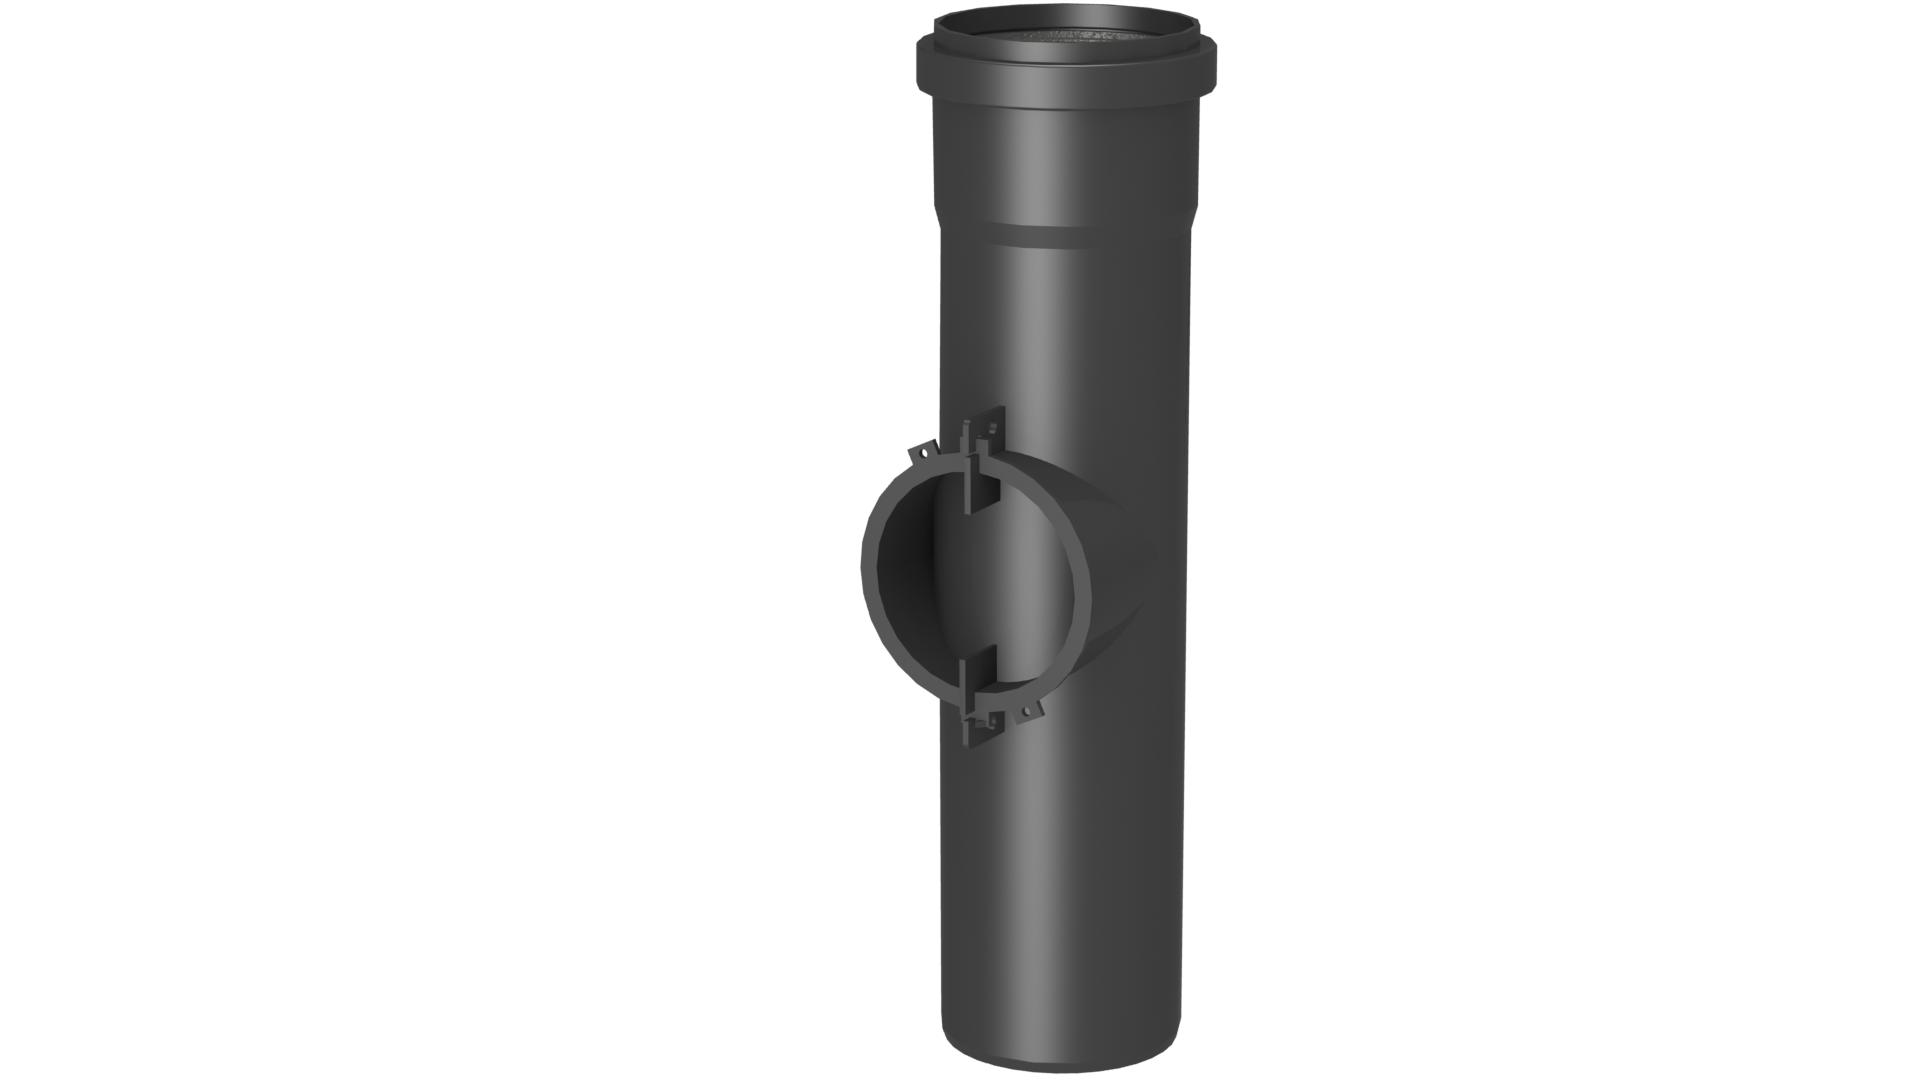 Inspektionselement - Kunststoff für Jeremias EW-PPS